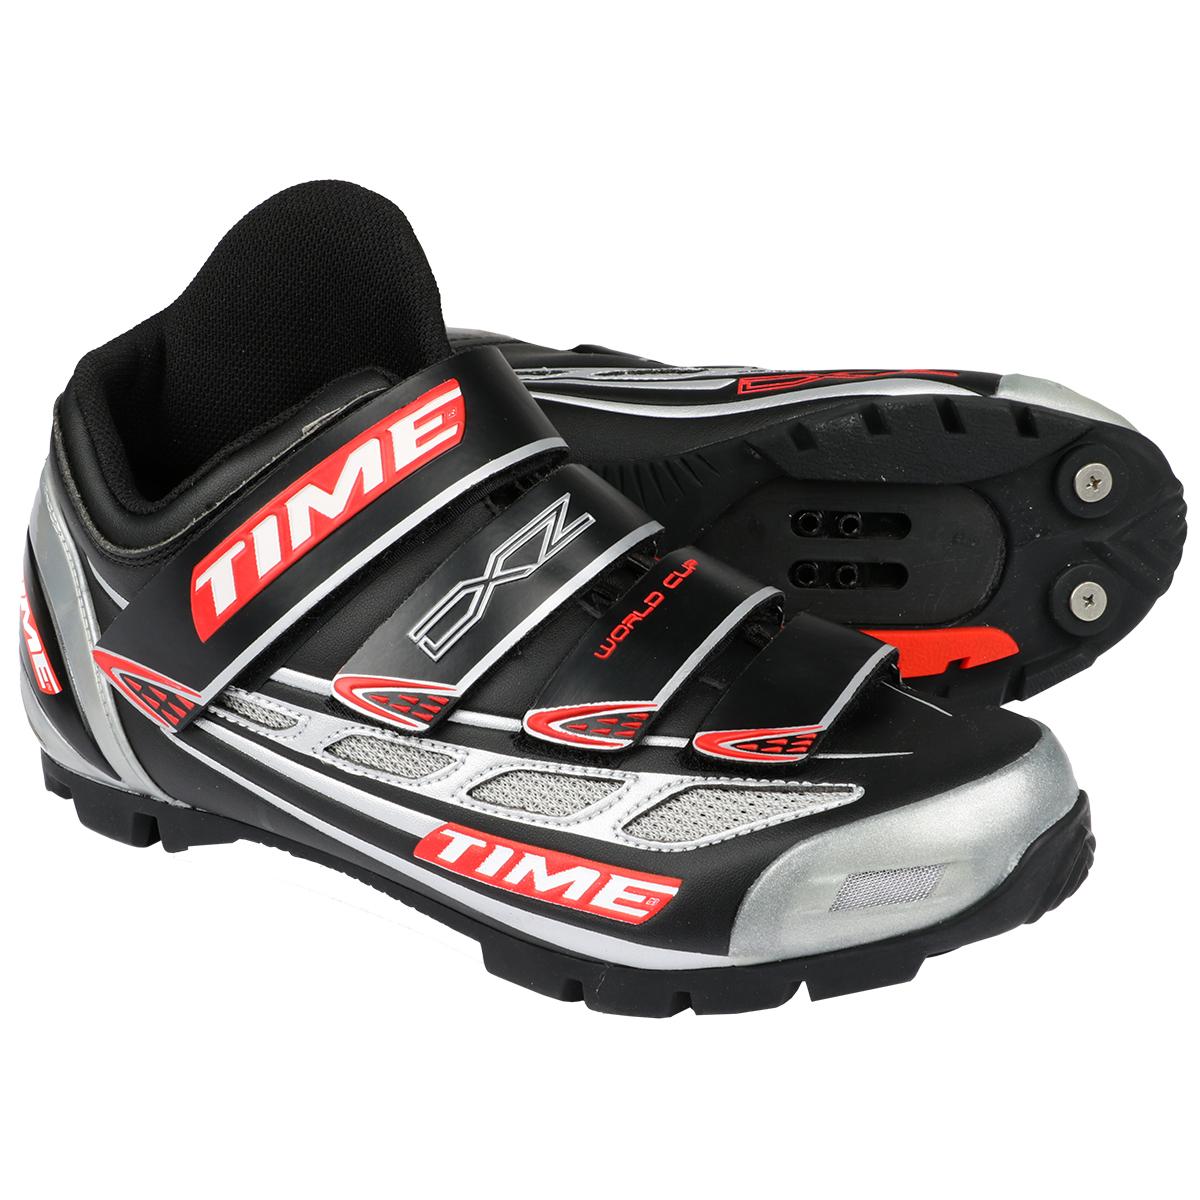 Time DXZ World Cup SPD MTB Shoes - EU42